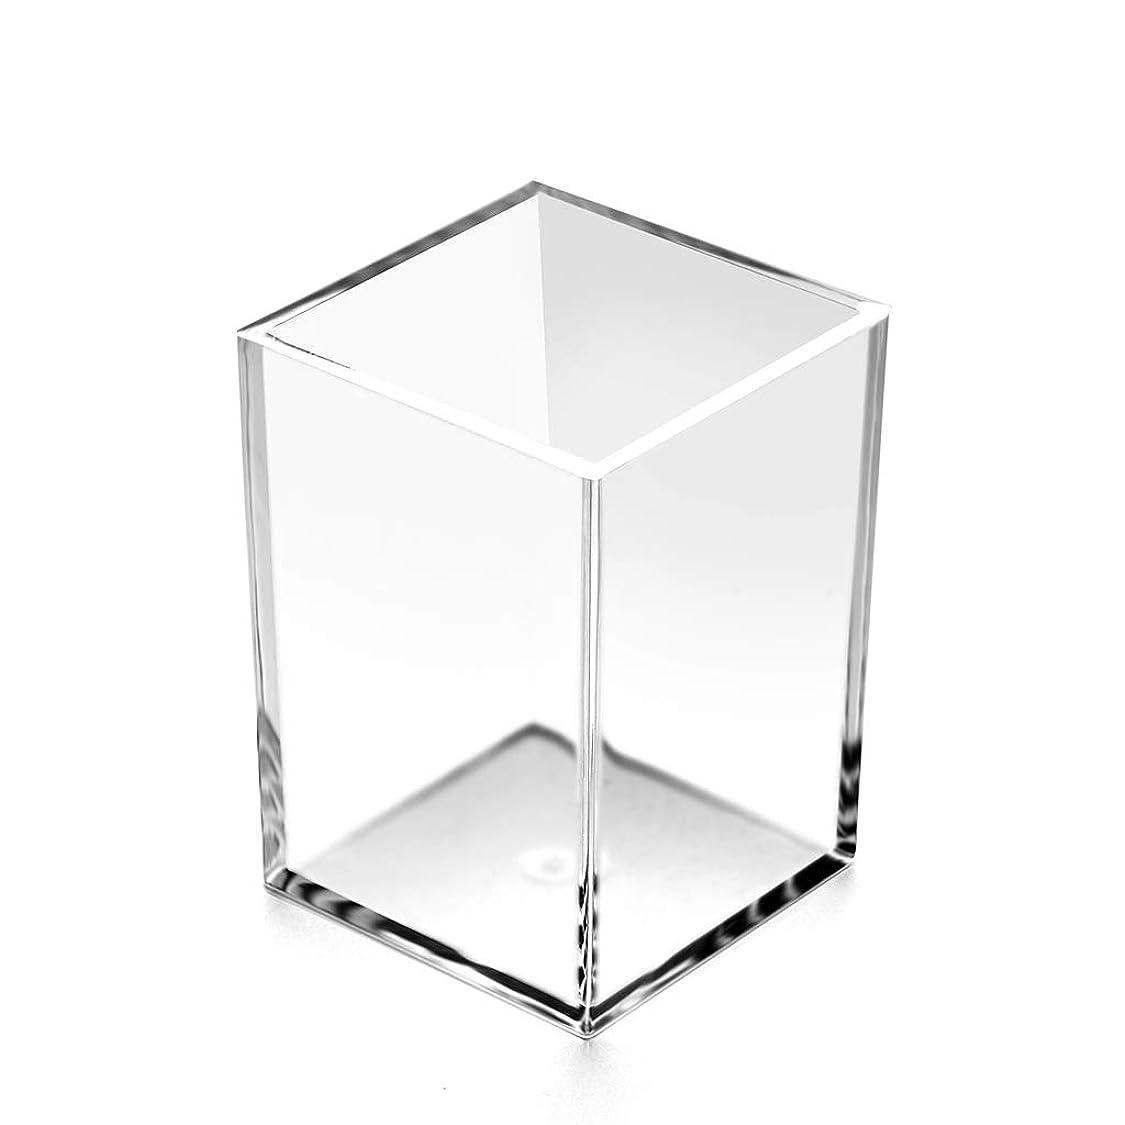 ハード充実同種のRiLiKu アクリルペン立て 鉛筆ホルダー 透明 卓上文房具収納ボックス メイクブラシ収納ボックス